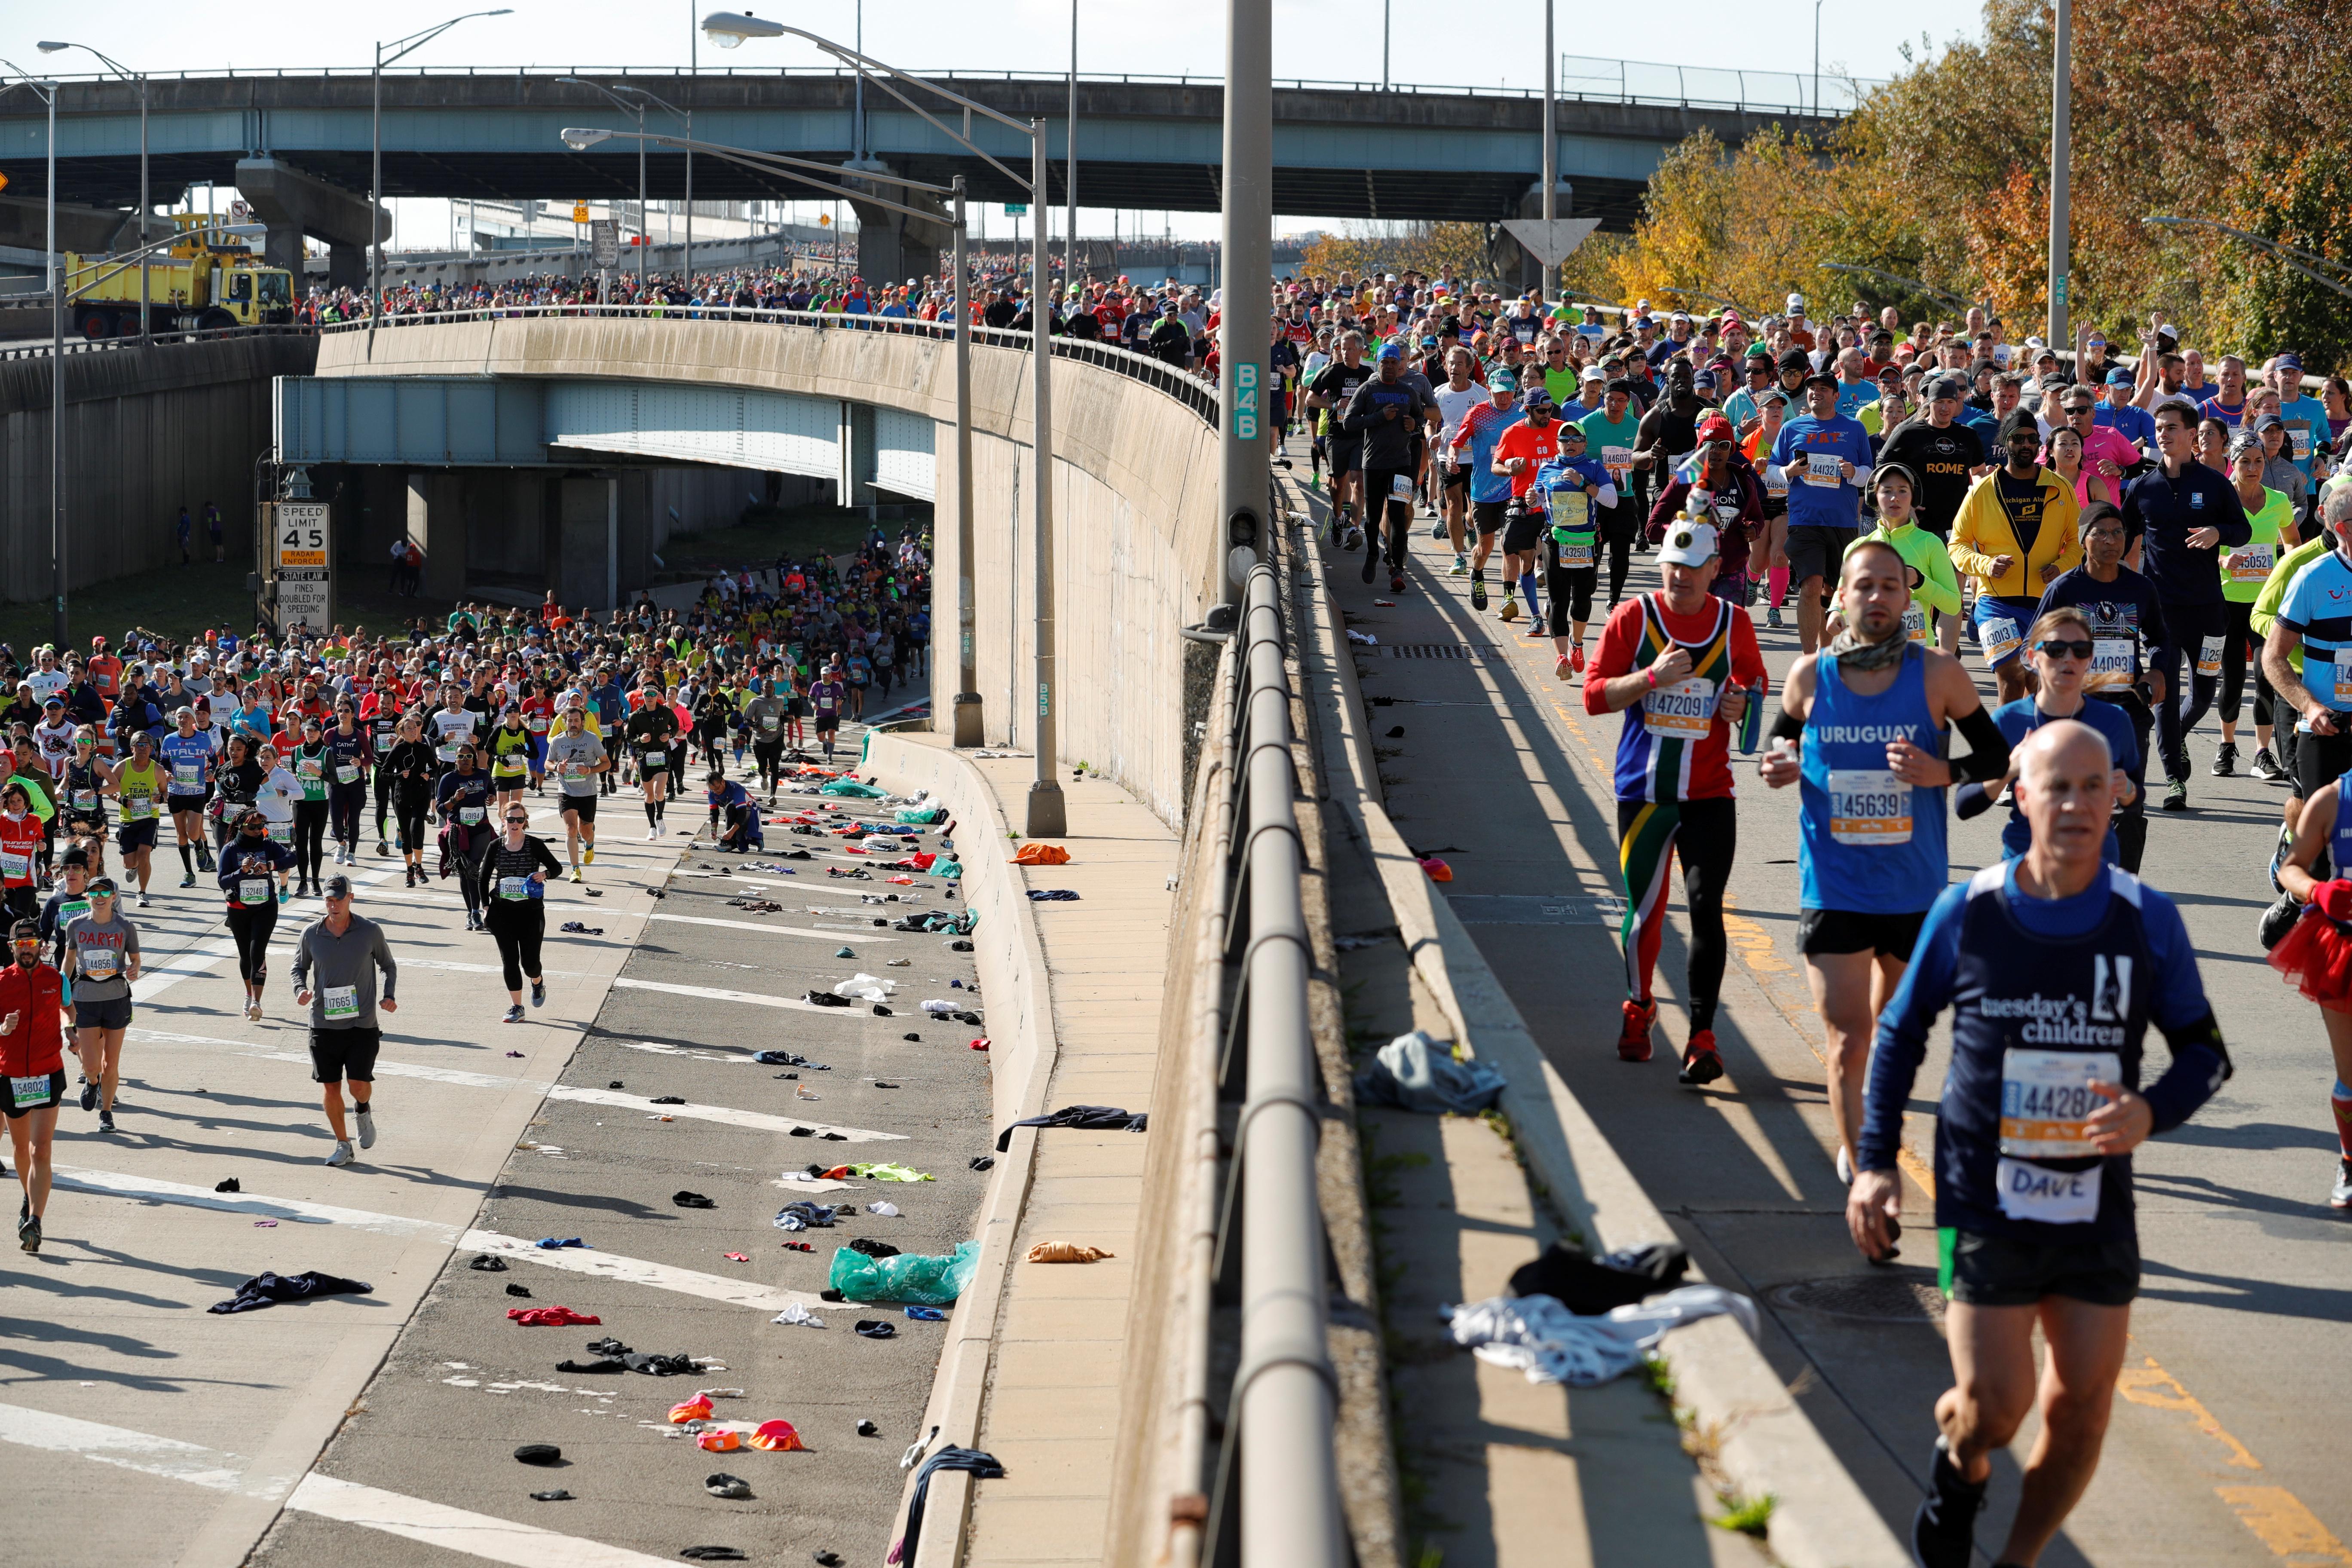 La salida de la maratón de Nueva York tiene lugar en los límites de Staten Island, en el Verrazano-Narrows Bridge de Brooklyn